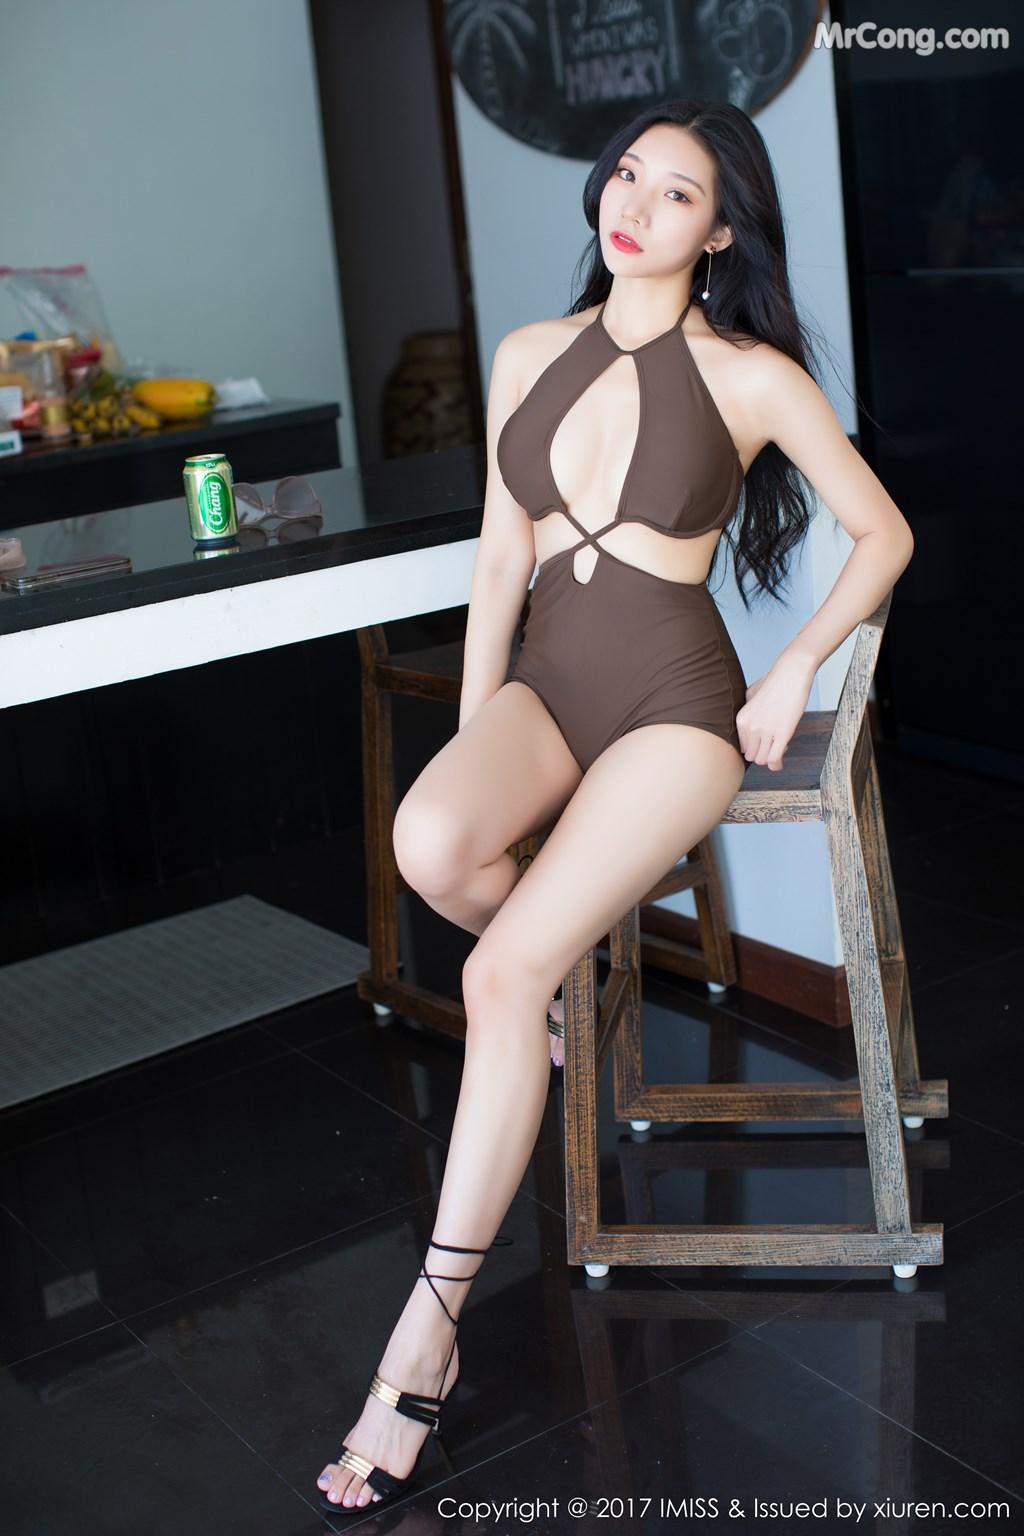 Image IMISS-Vol.202-Xiao-Hu-Li-Sica-MrCong.com-004 in post IMISS Vol.202: Người mẫu Xiao Hu Li (小狐狸Sica) (67 ảnh)